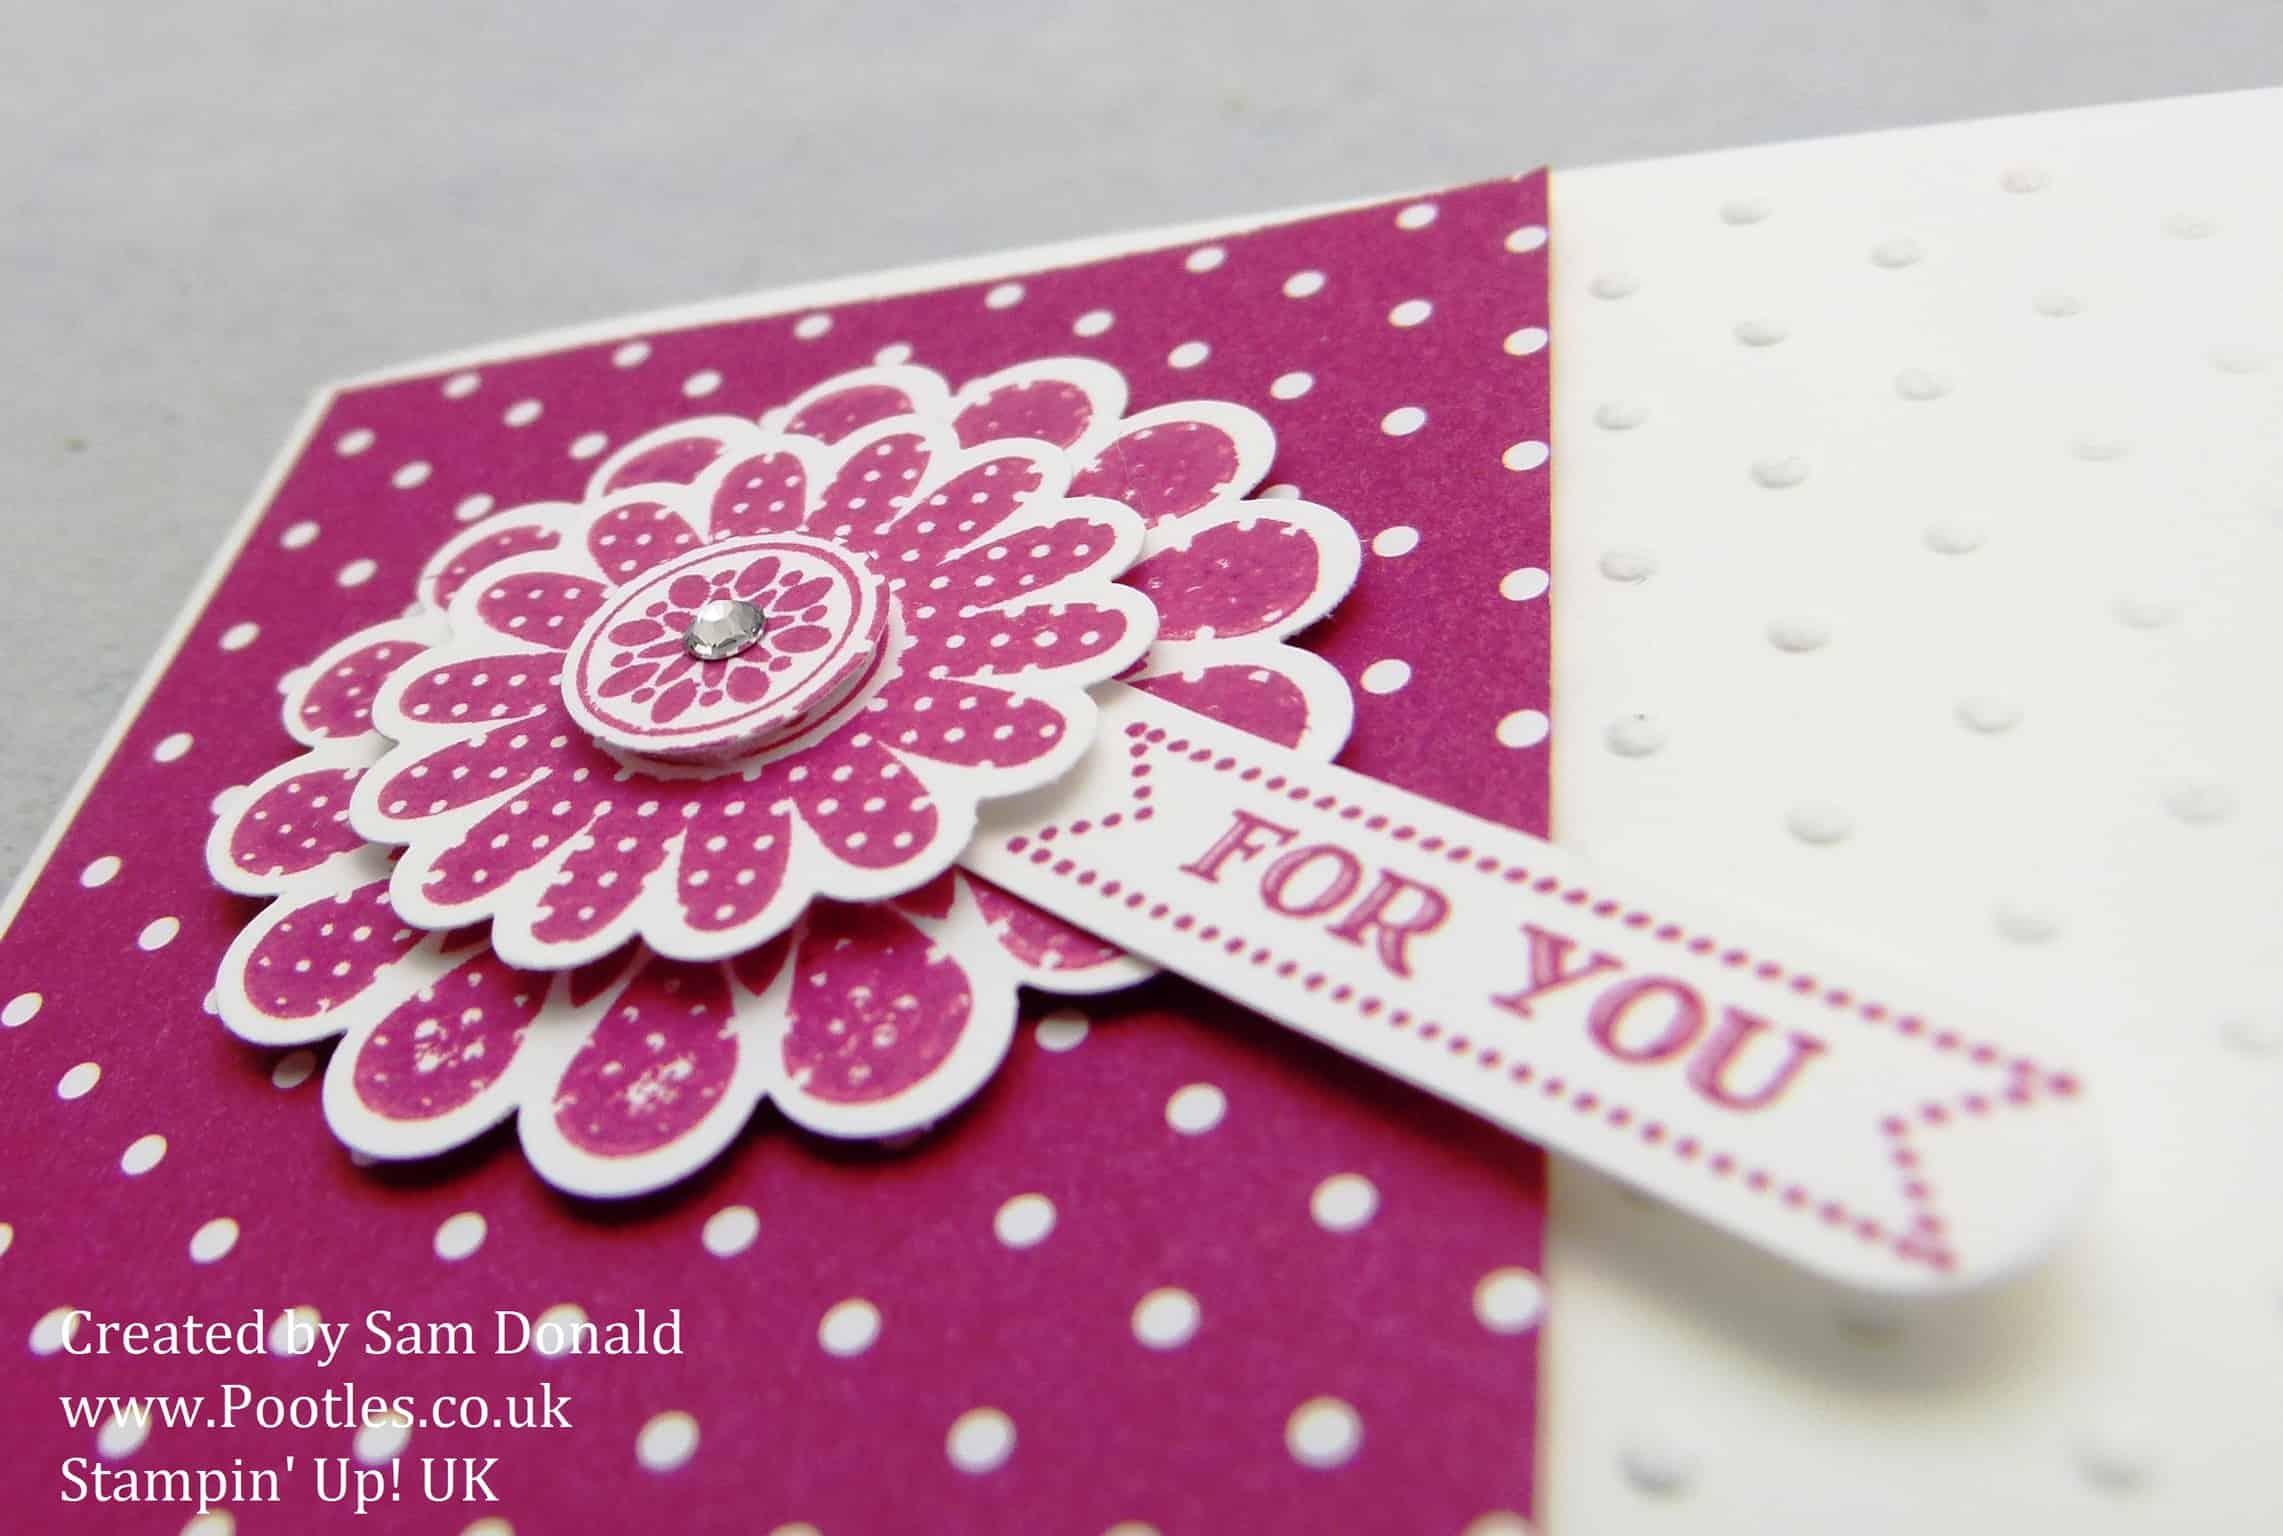 Pootles Stampin Up UK Polka Dot Pieces 4 (1)